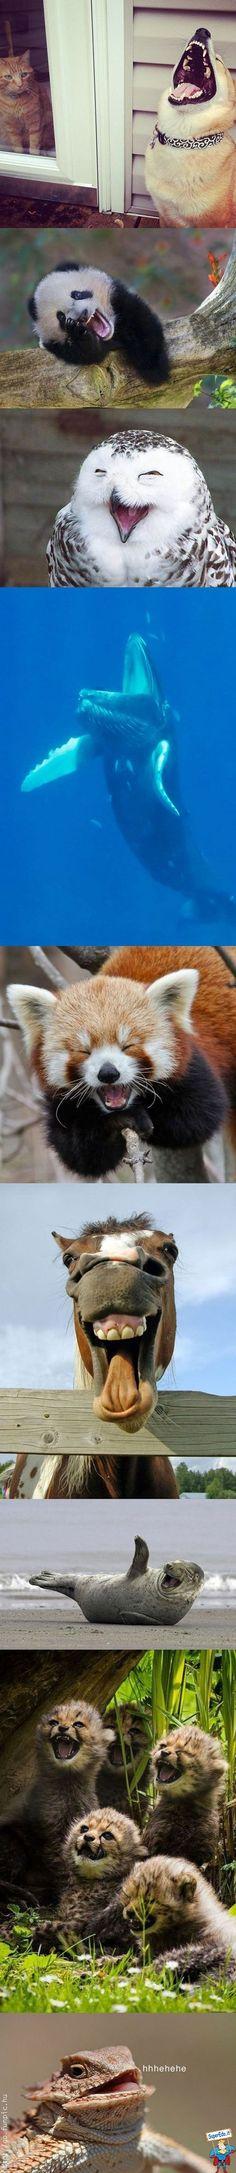 Animali divertenti che ridono